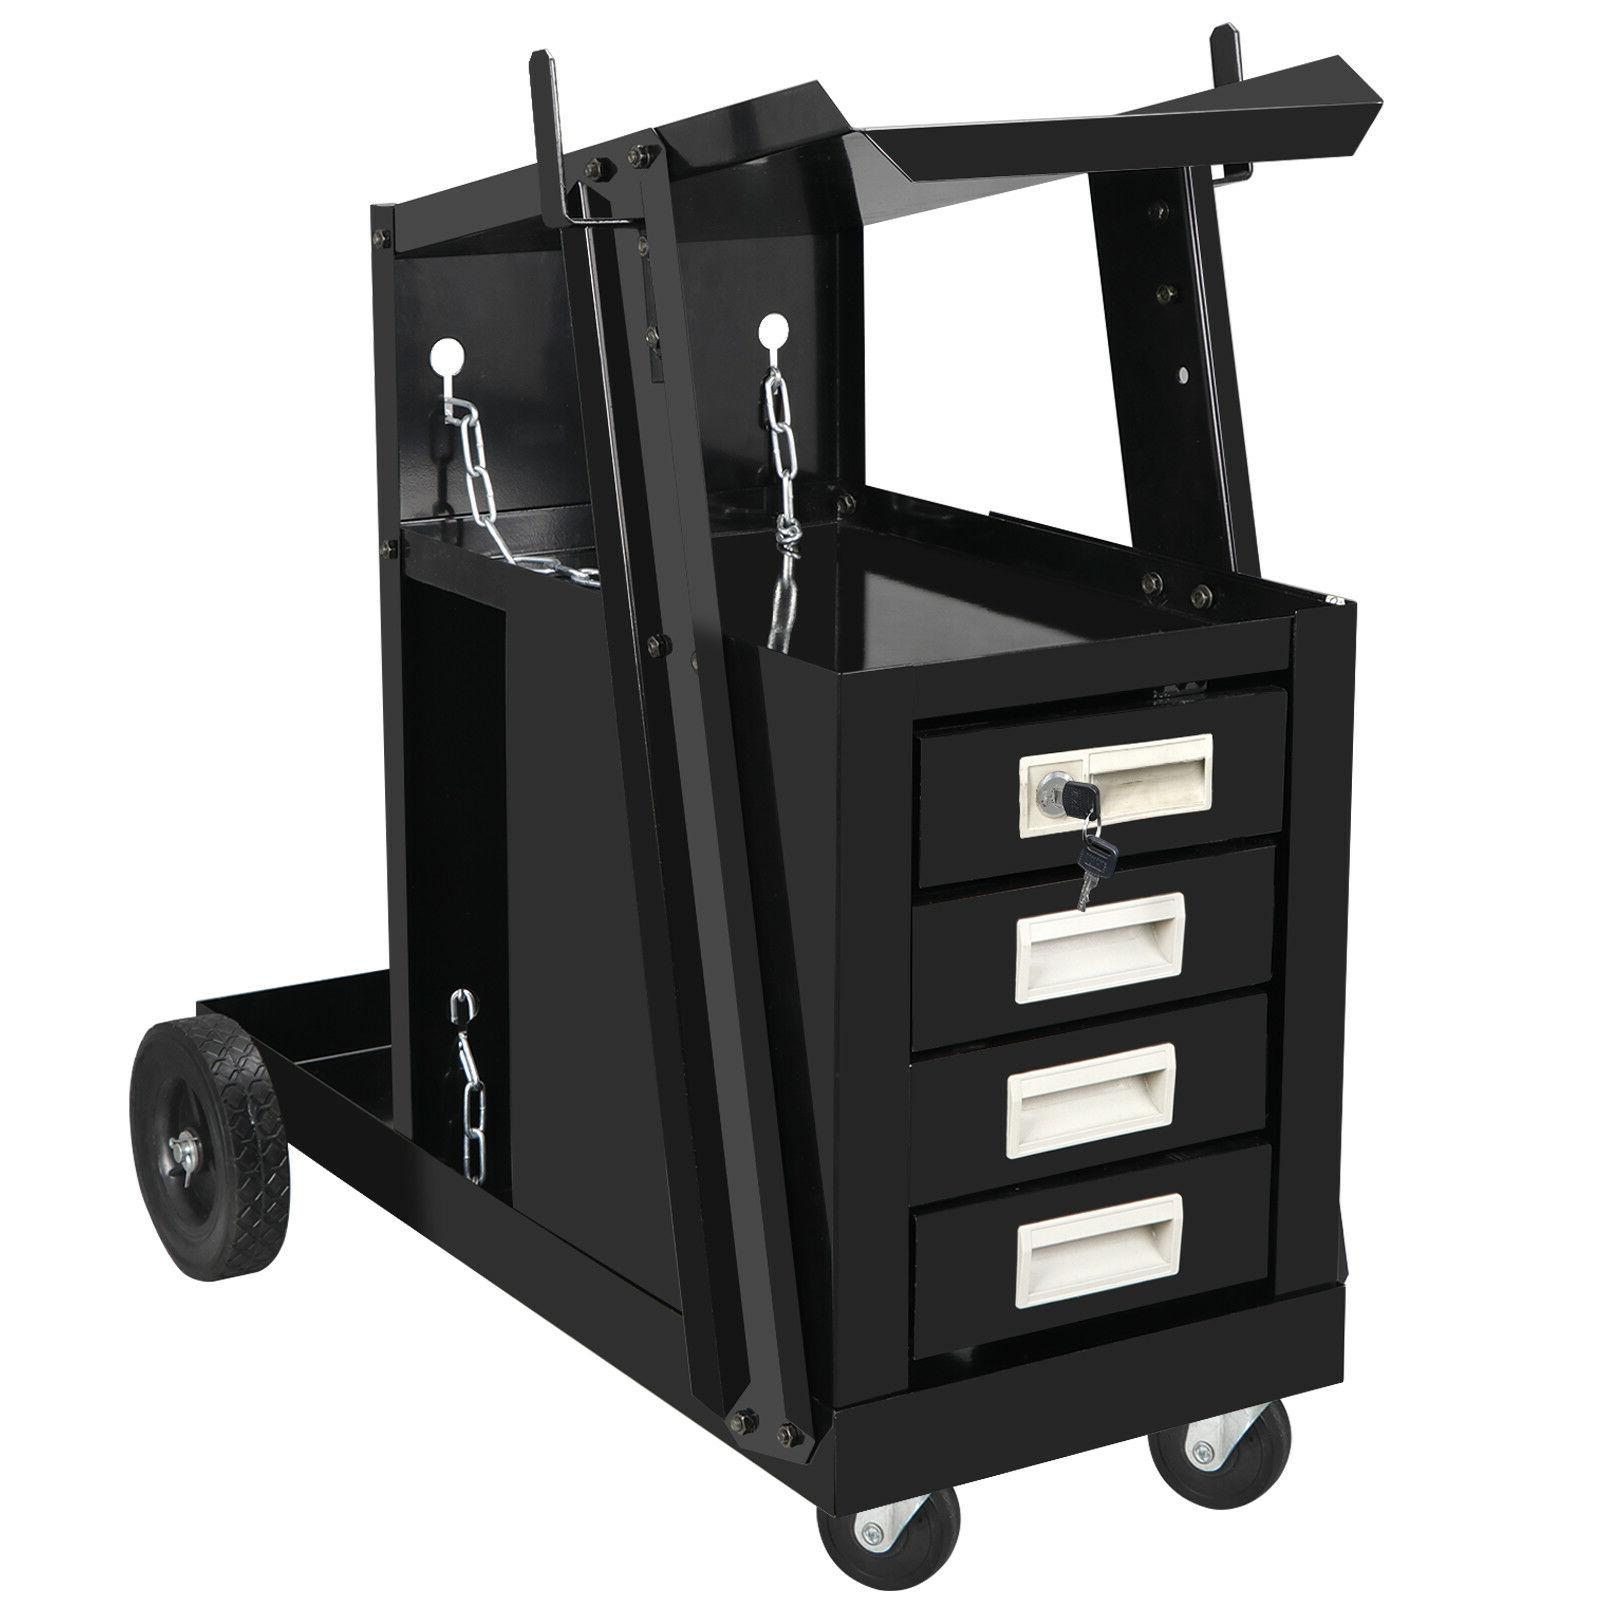 4 Drawer Welding Cutter MIG ARC Storage